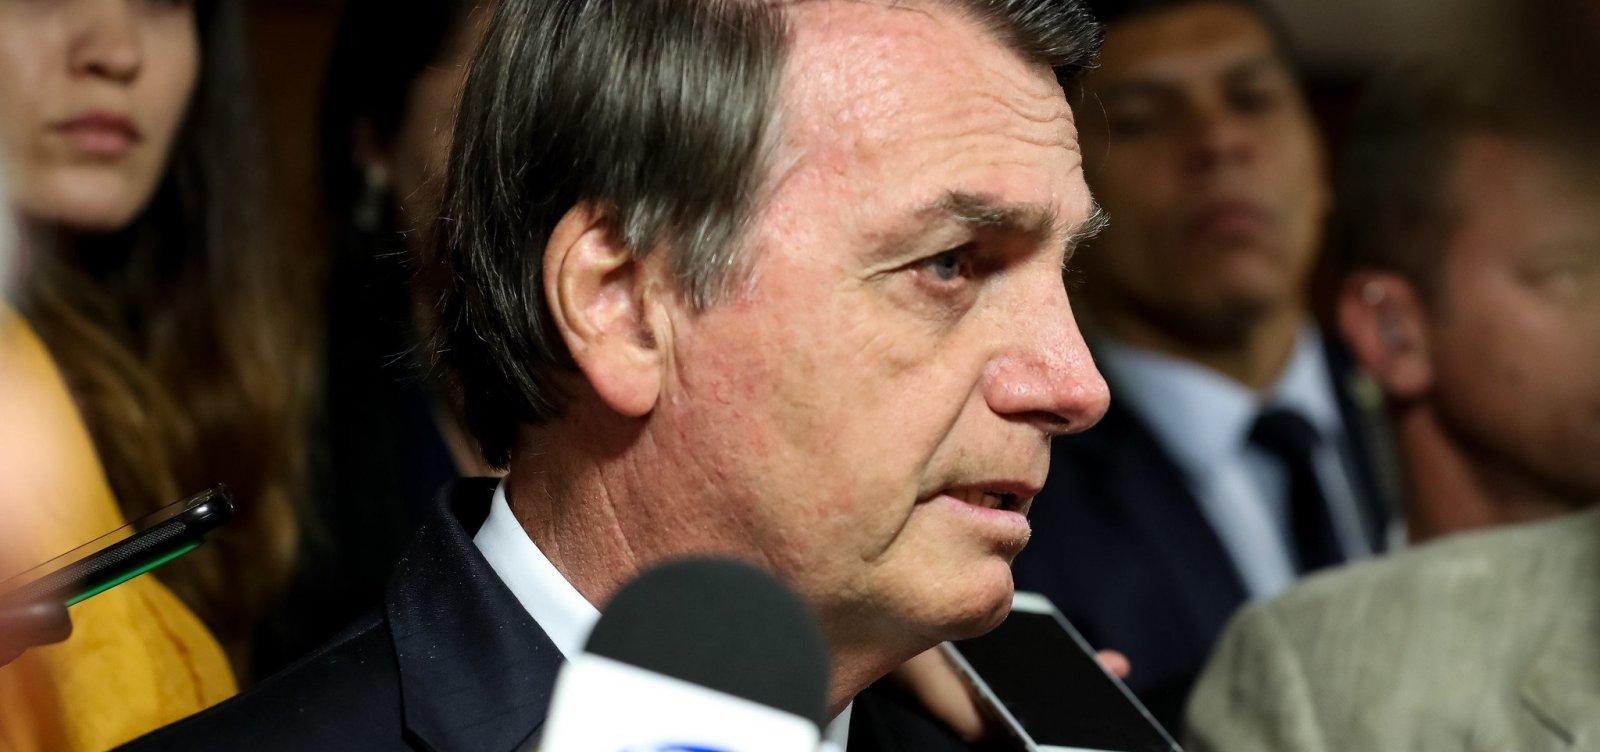 Depois de ameaçar imprensa, Bolsonaro diz que Lula quer censurar a mídia